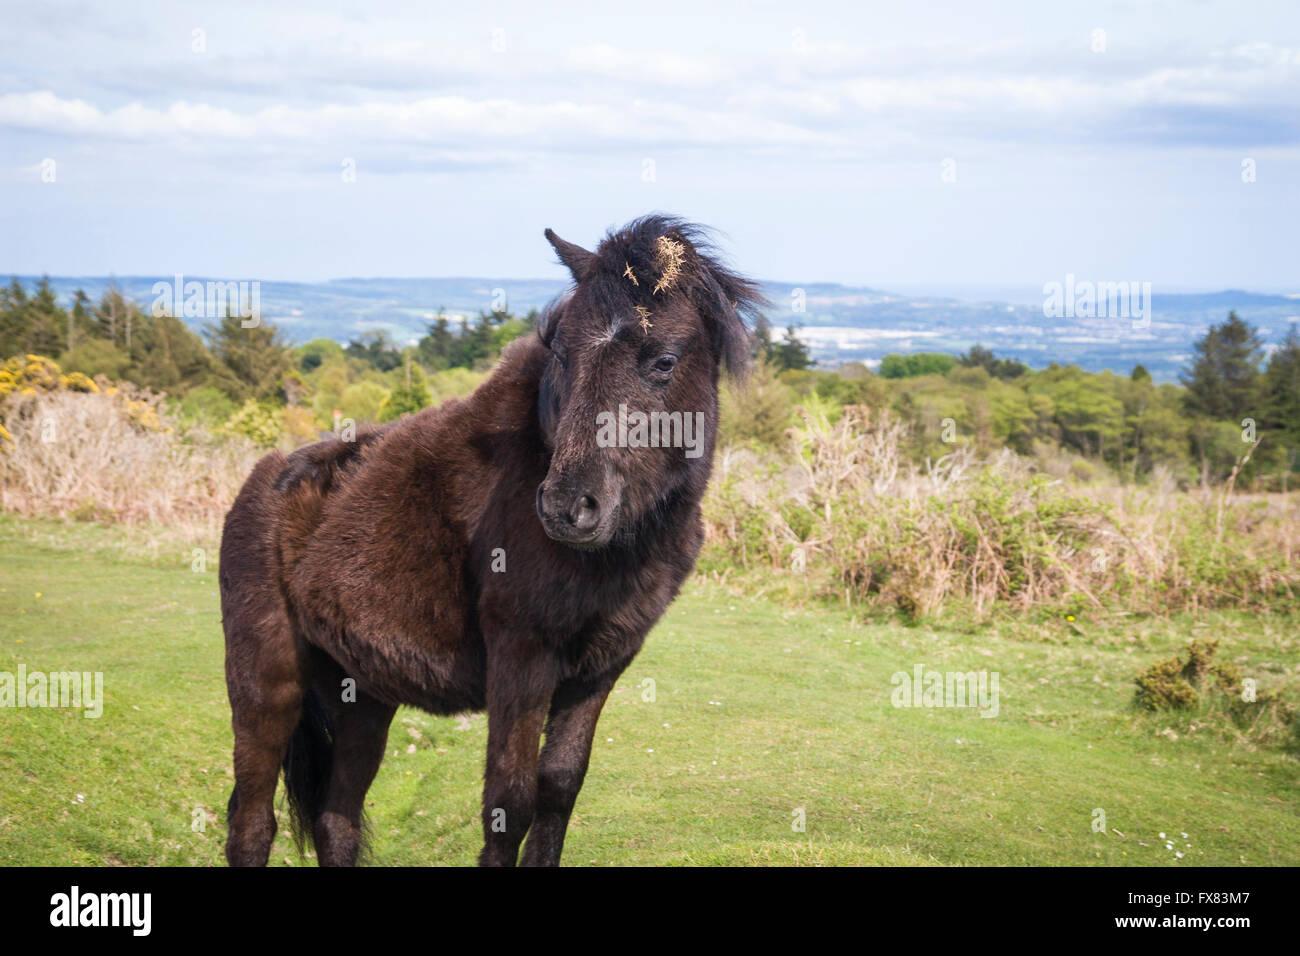 Dartmoor Ponies (Equus ferus caballus) Grazing in the moor Stock Photo